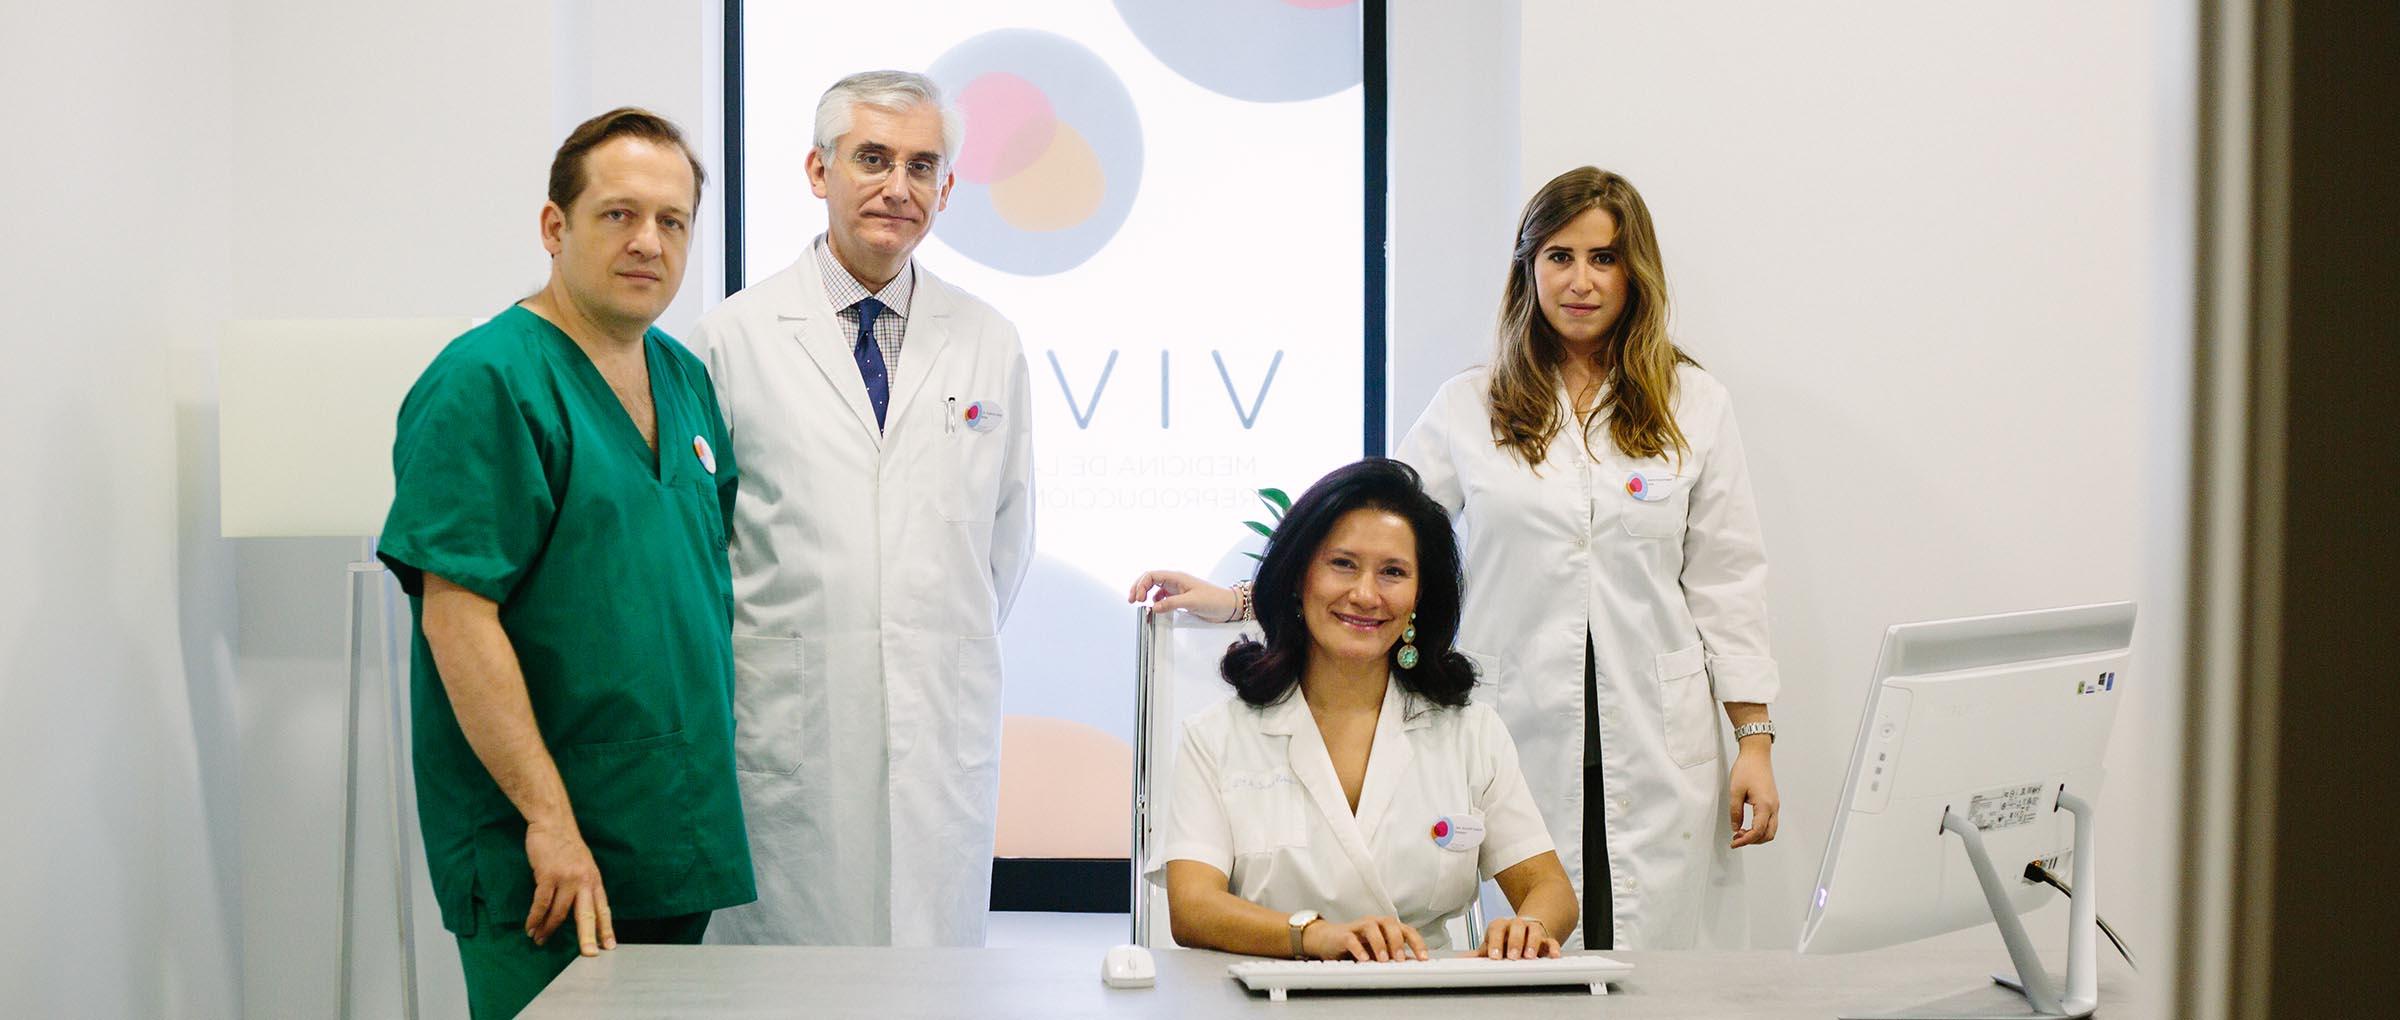 VIVUM team